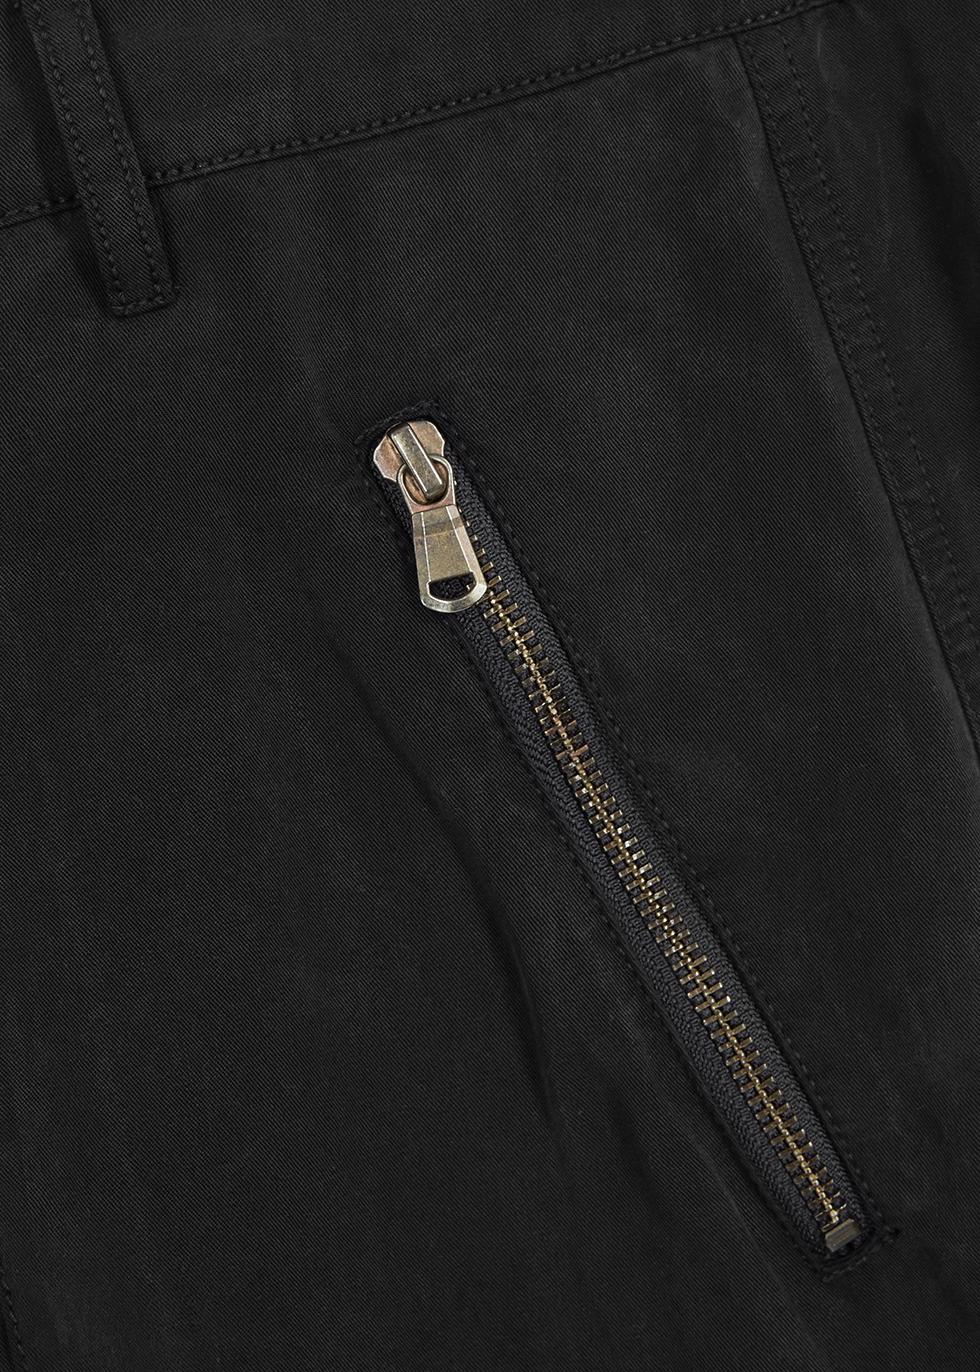 Noelle black wide-leg trousers - J Brand